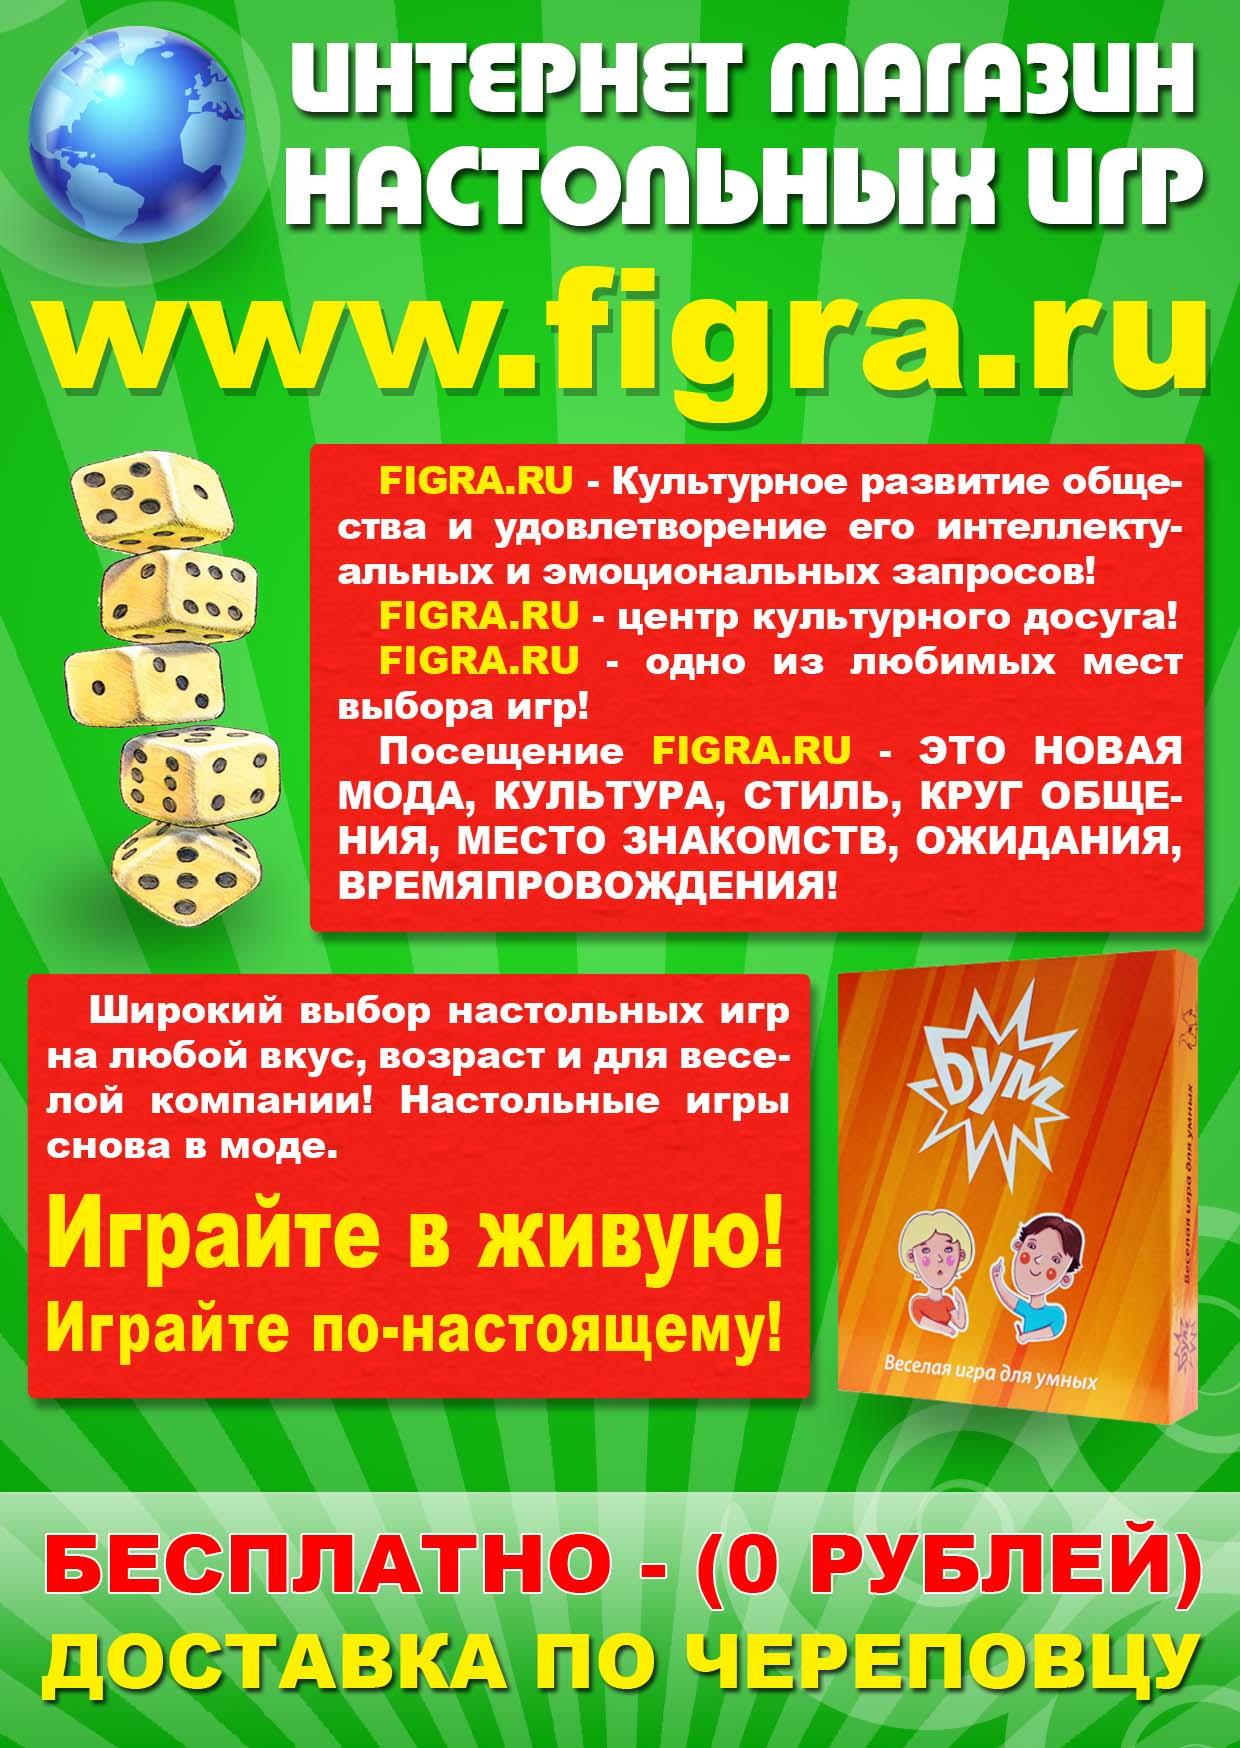 Листовка Фигра